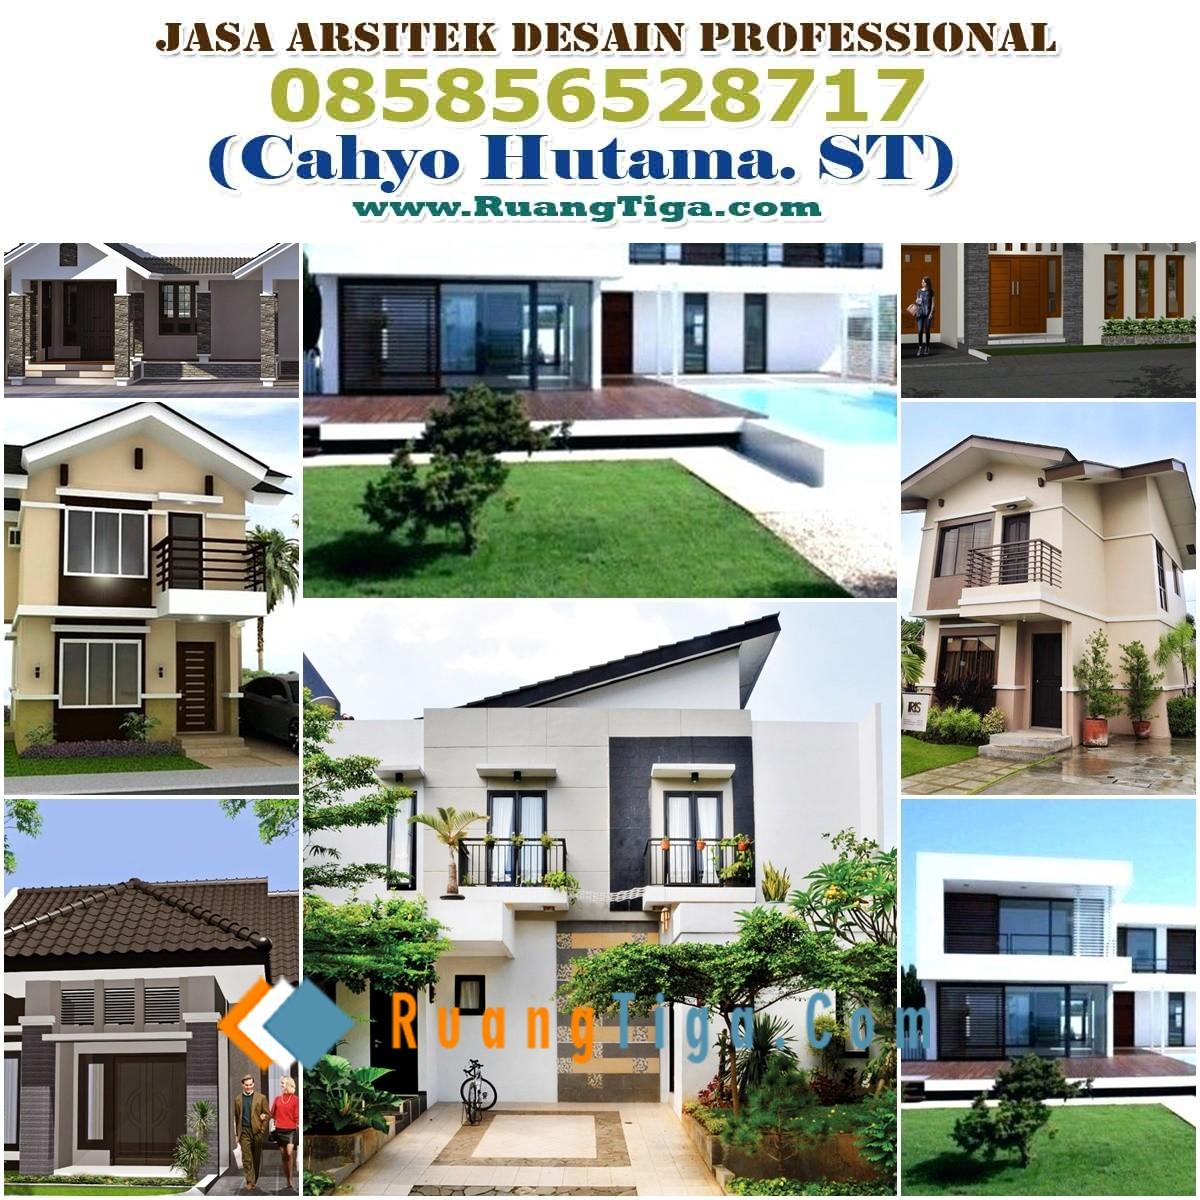 085856528717 | Jasa Arsitek dan Kontraktor Rumah Mewah ...